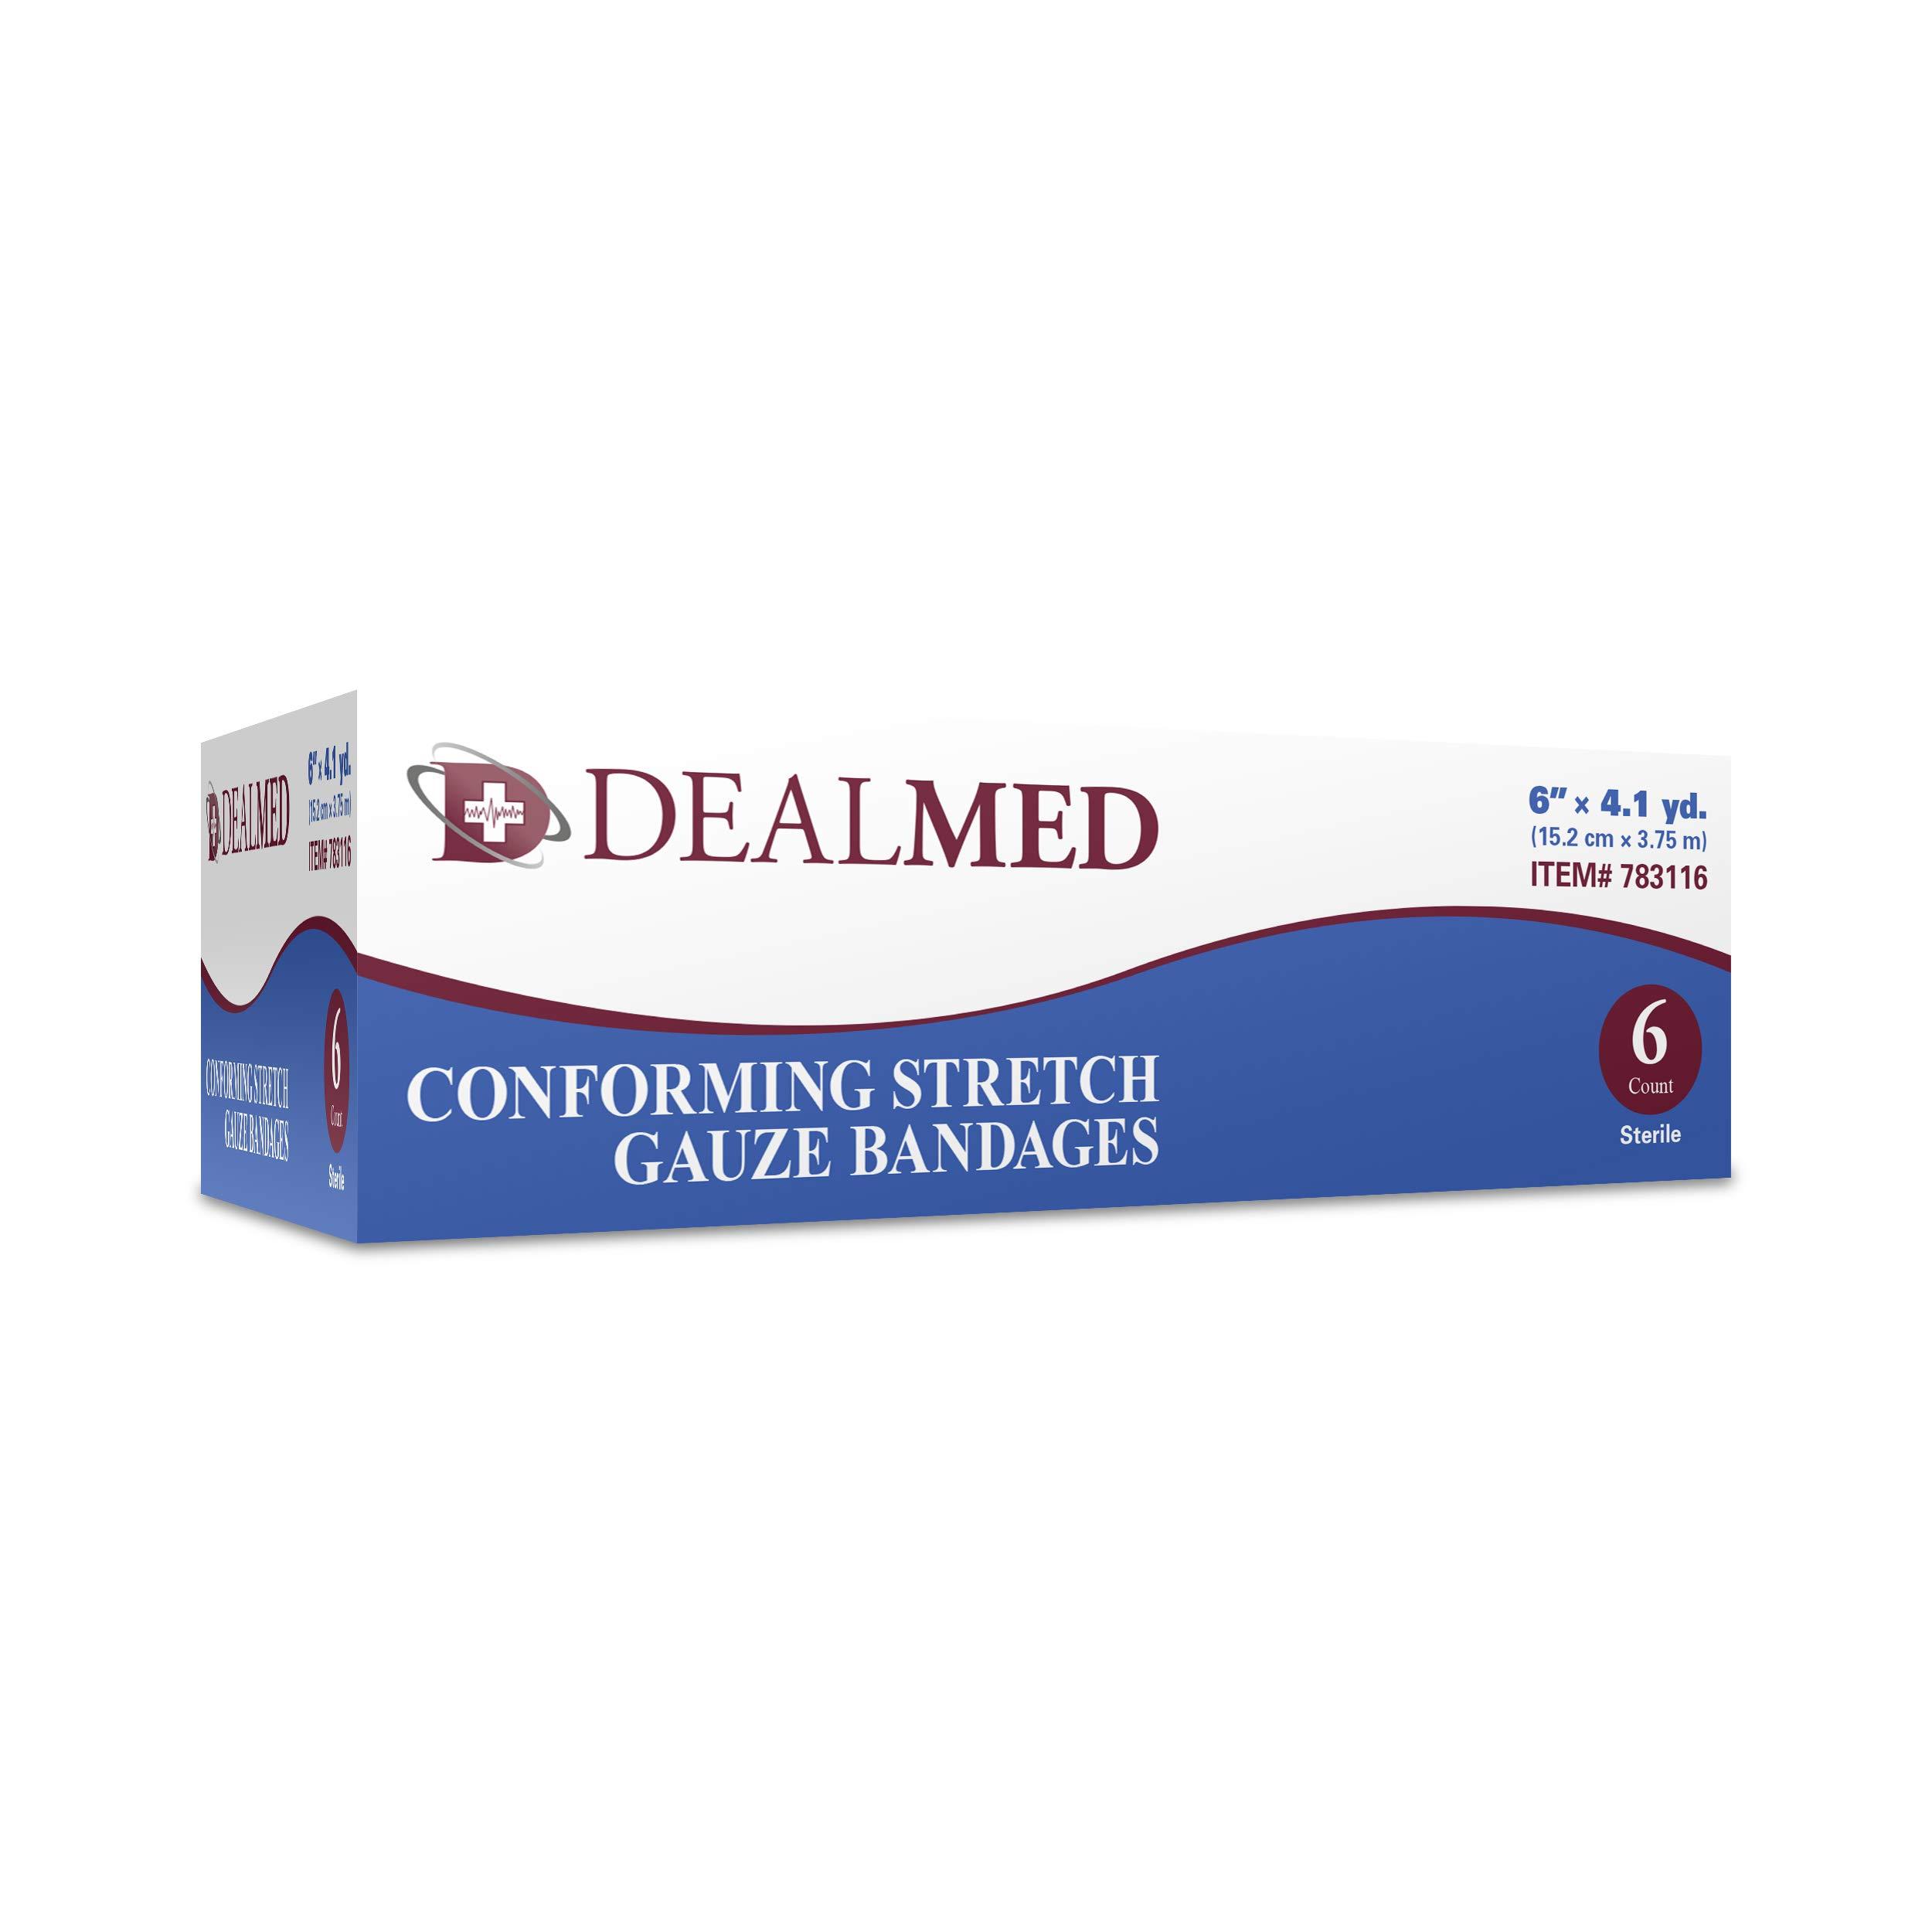 Dealmed 6'' Sterile Conforming Stretch Gauze Bandages, 4.1 Yards Stretched, 6 Rolls